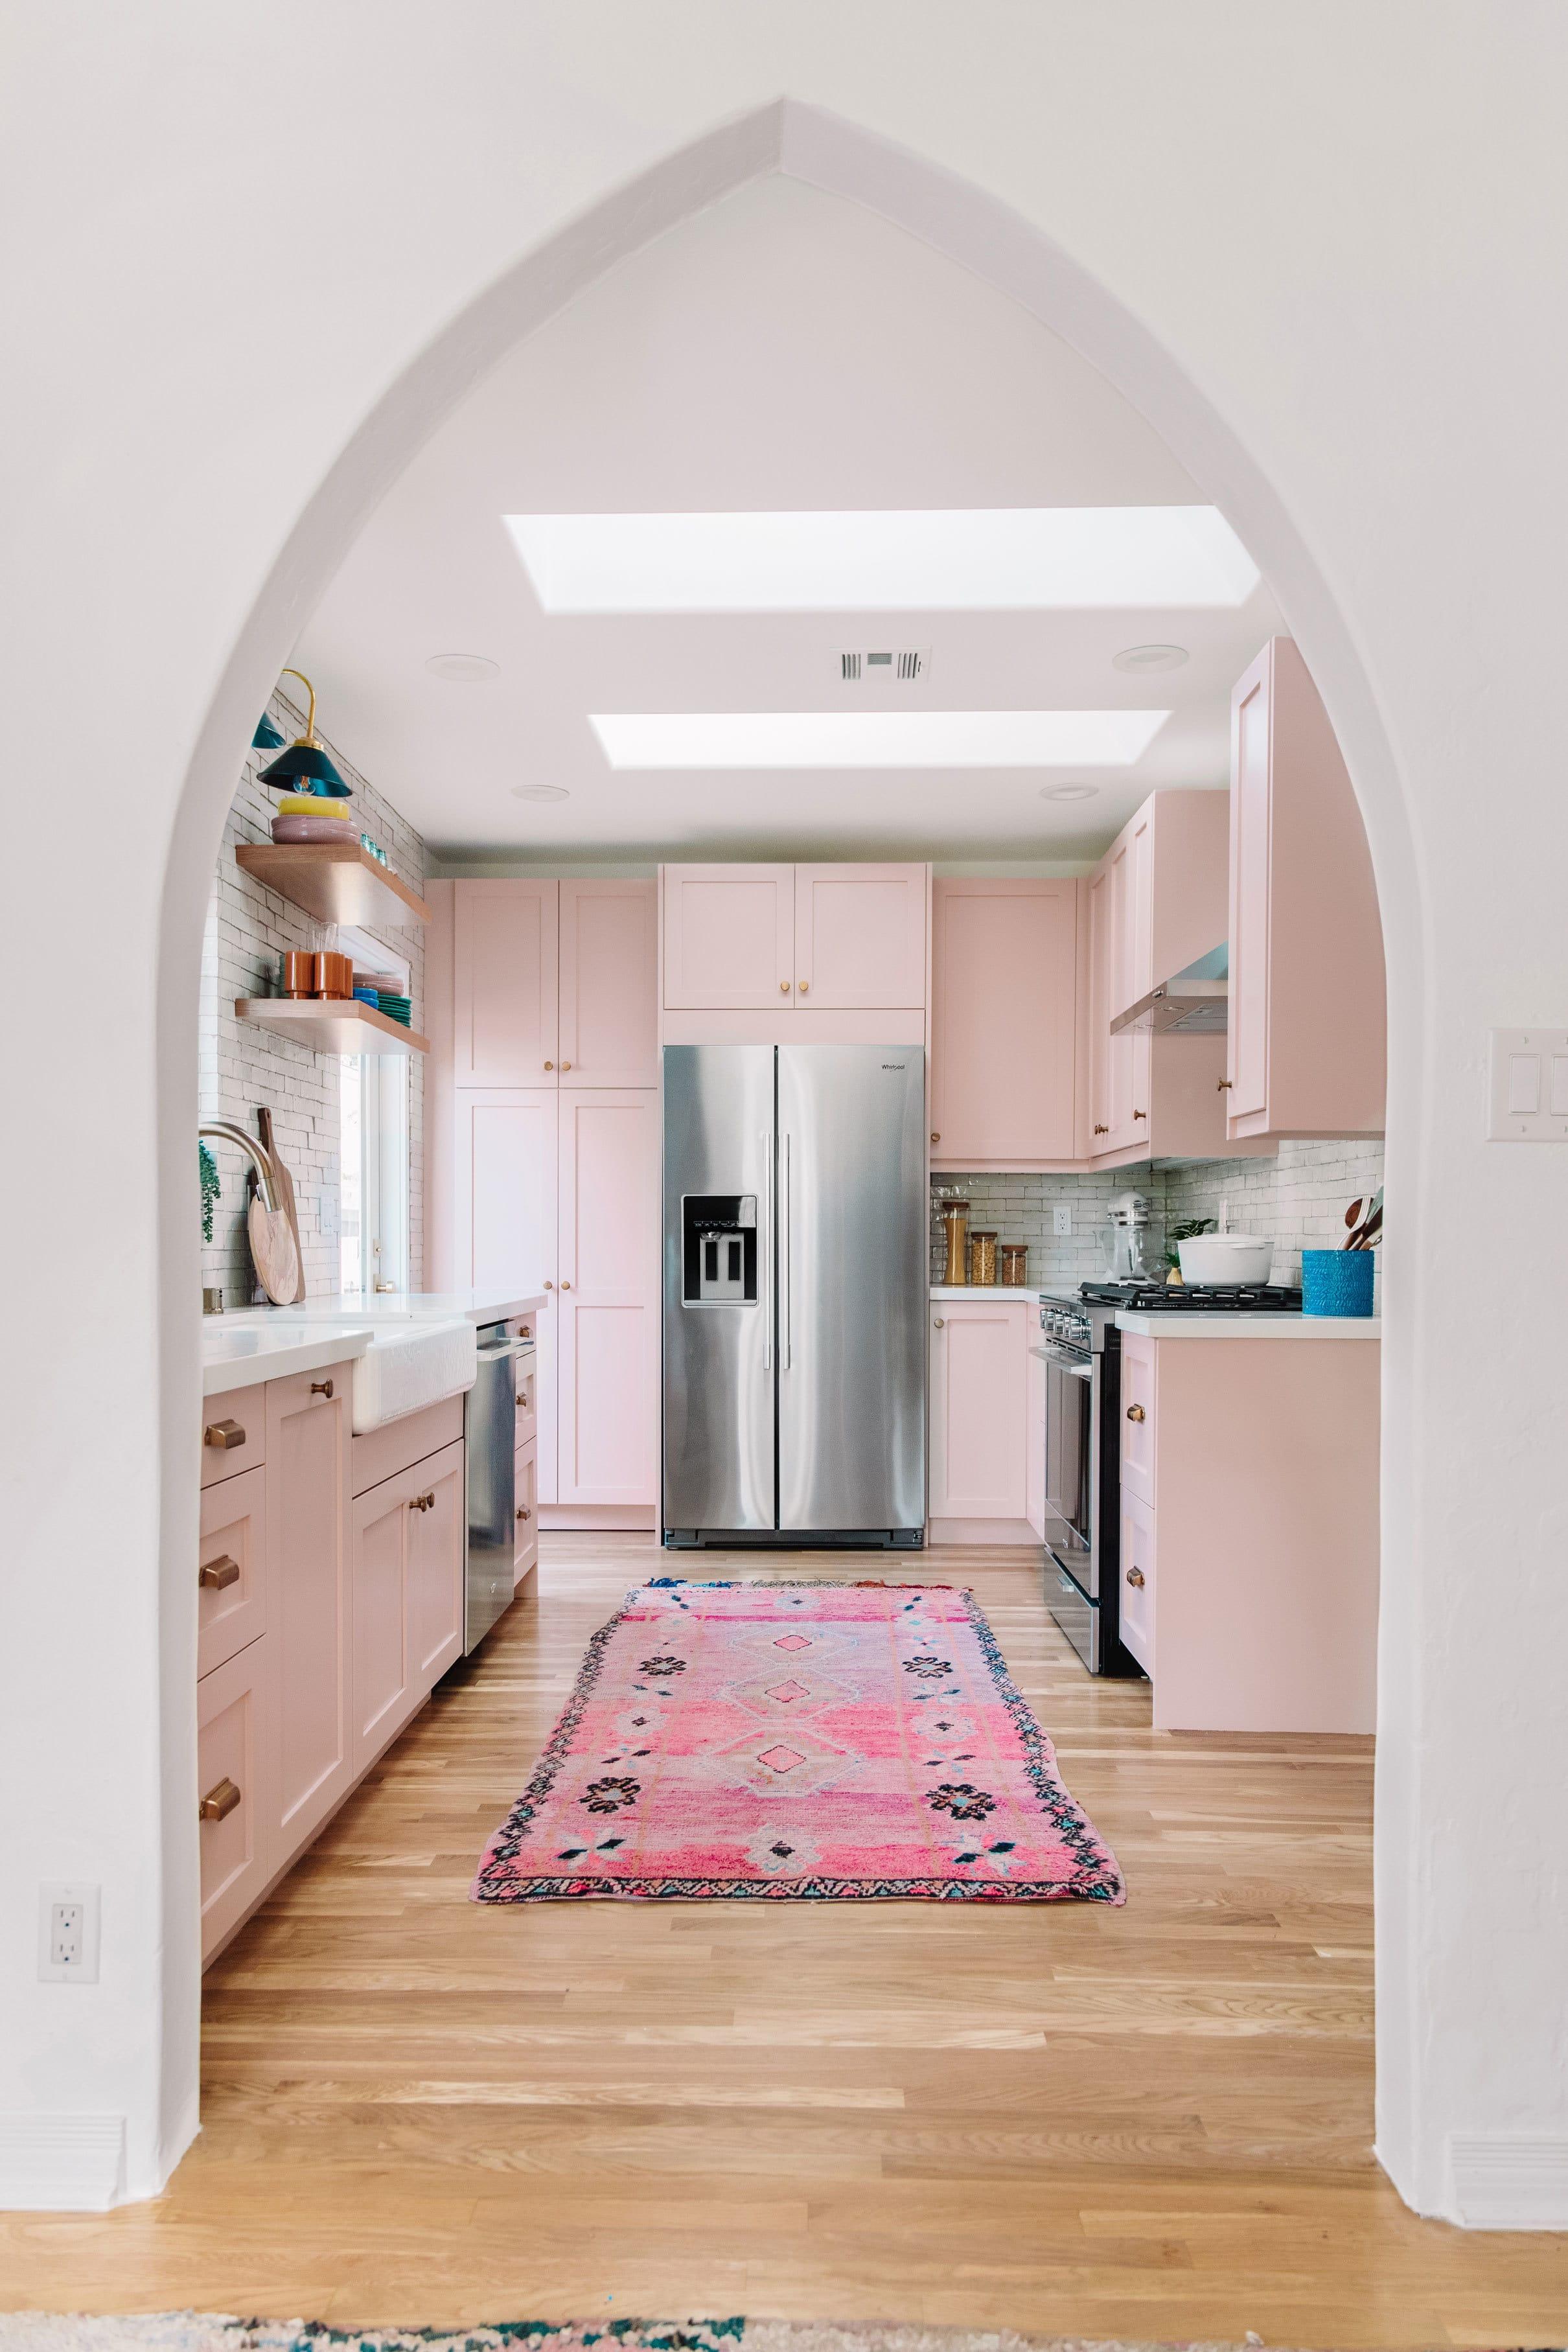 Studio-DIY-kitchen.jpg#asset:6059